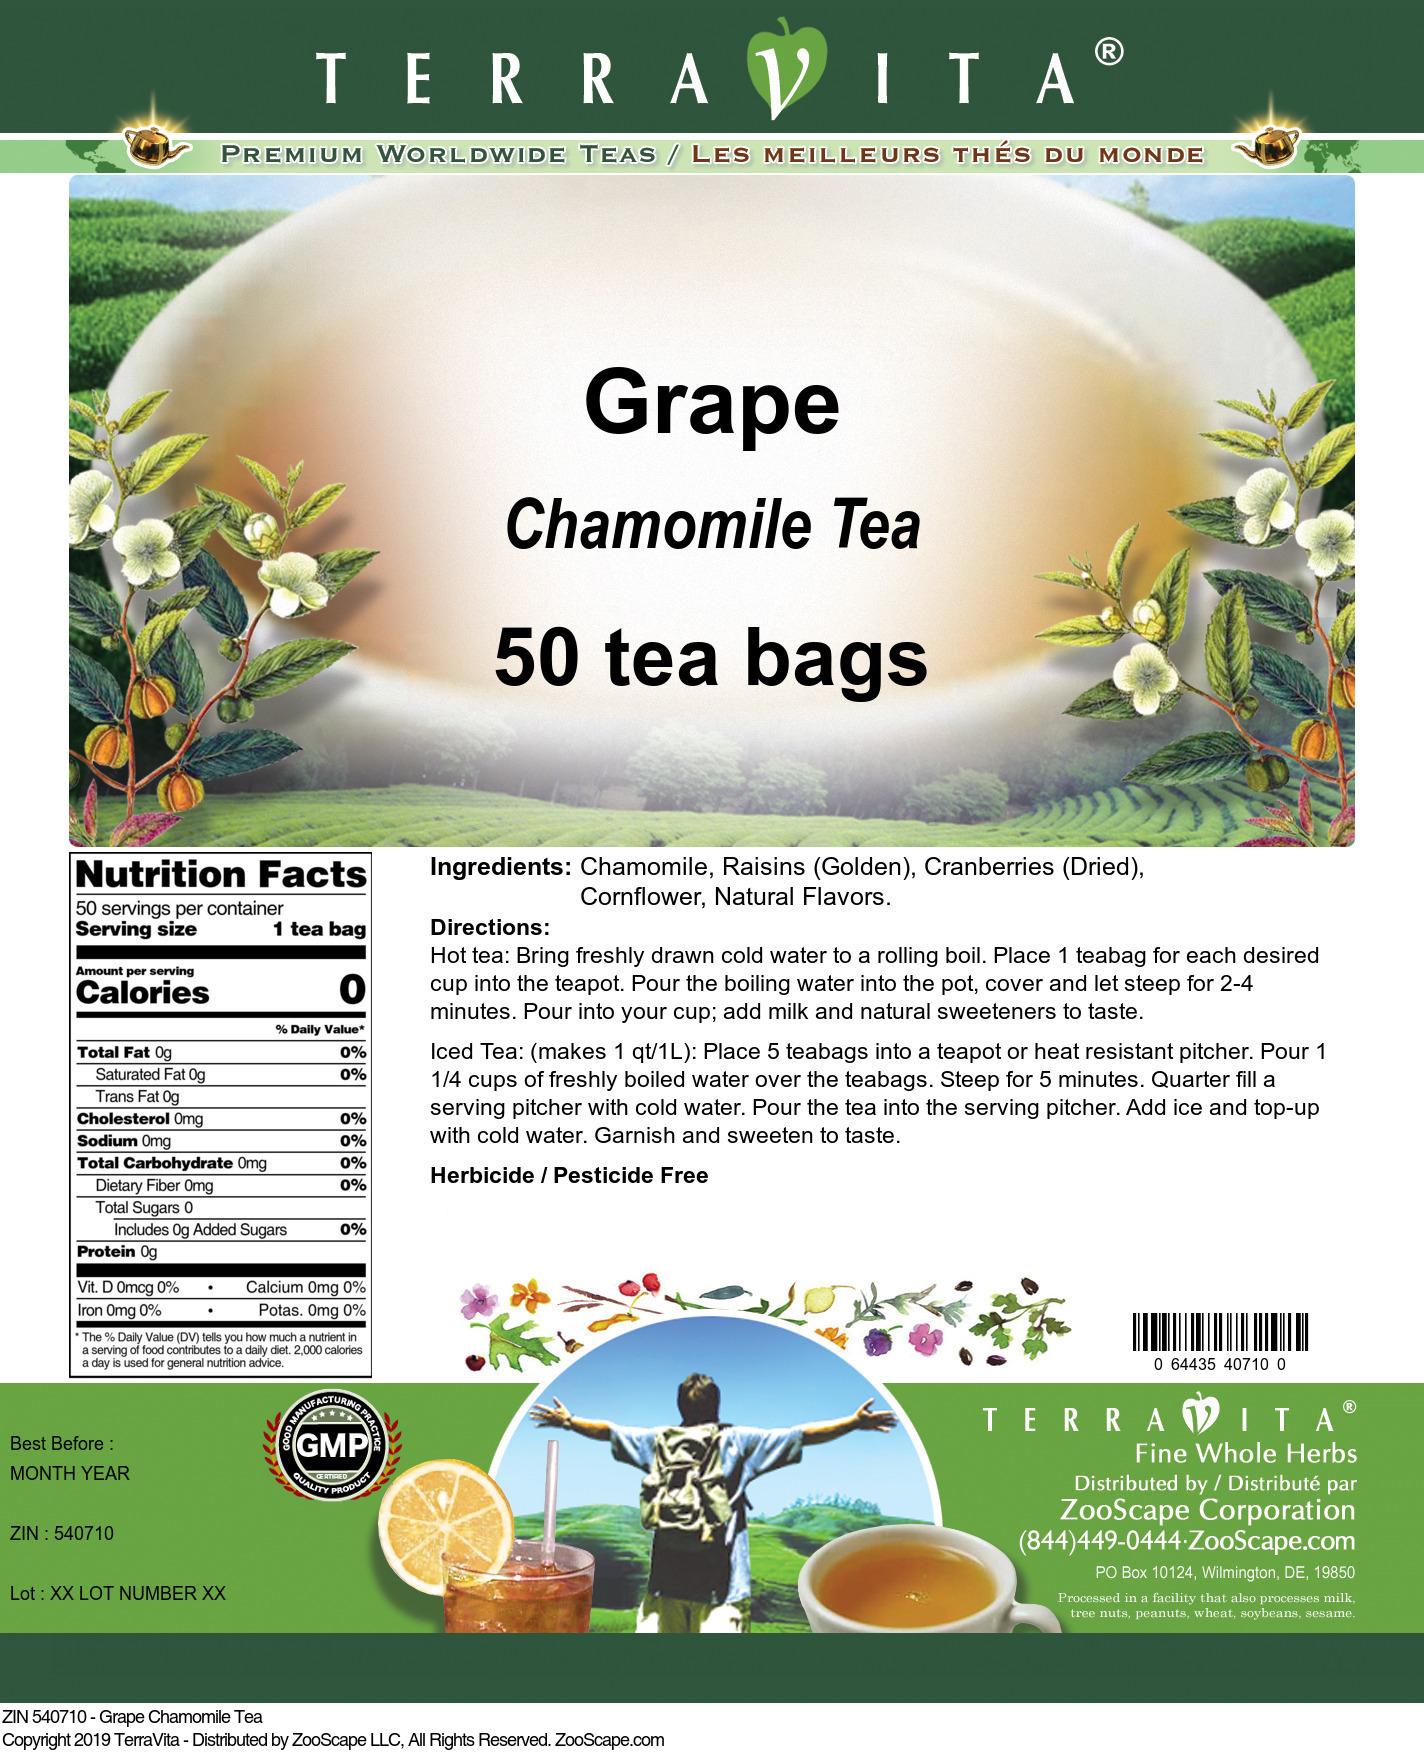 Grape Chamomile Tea